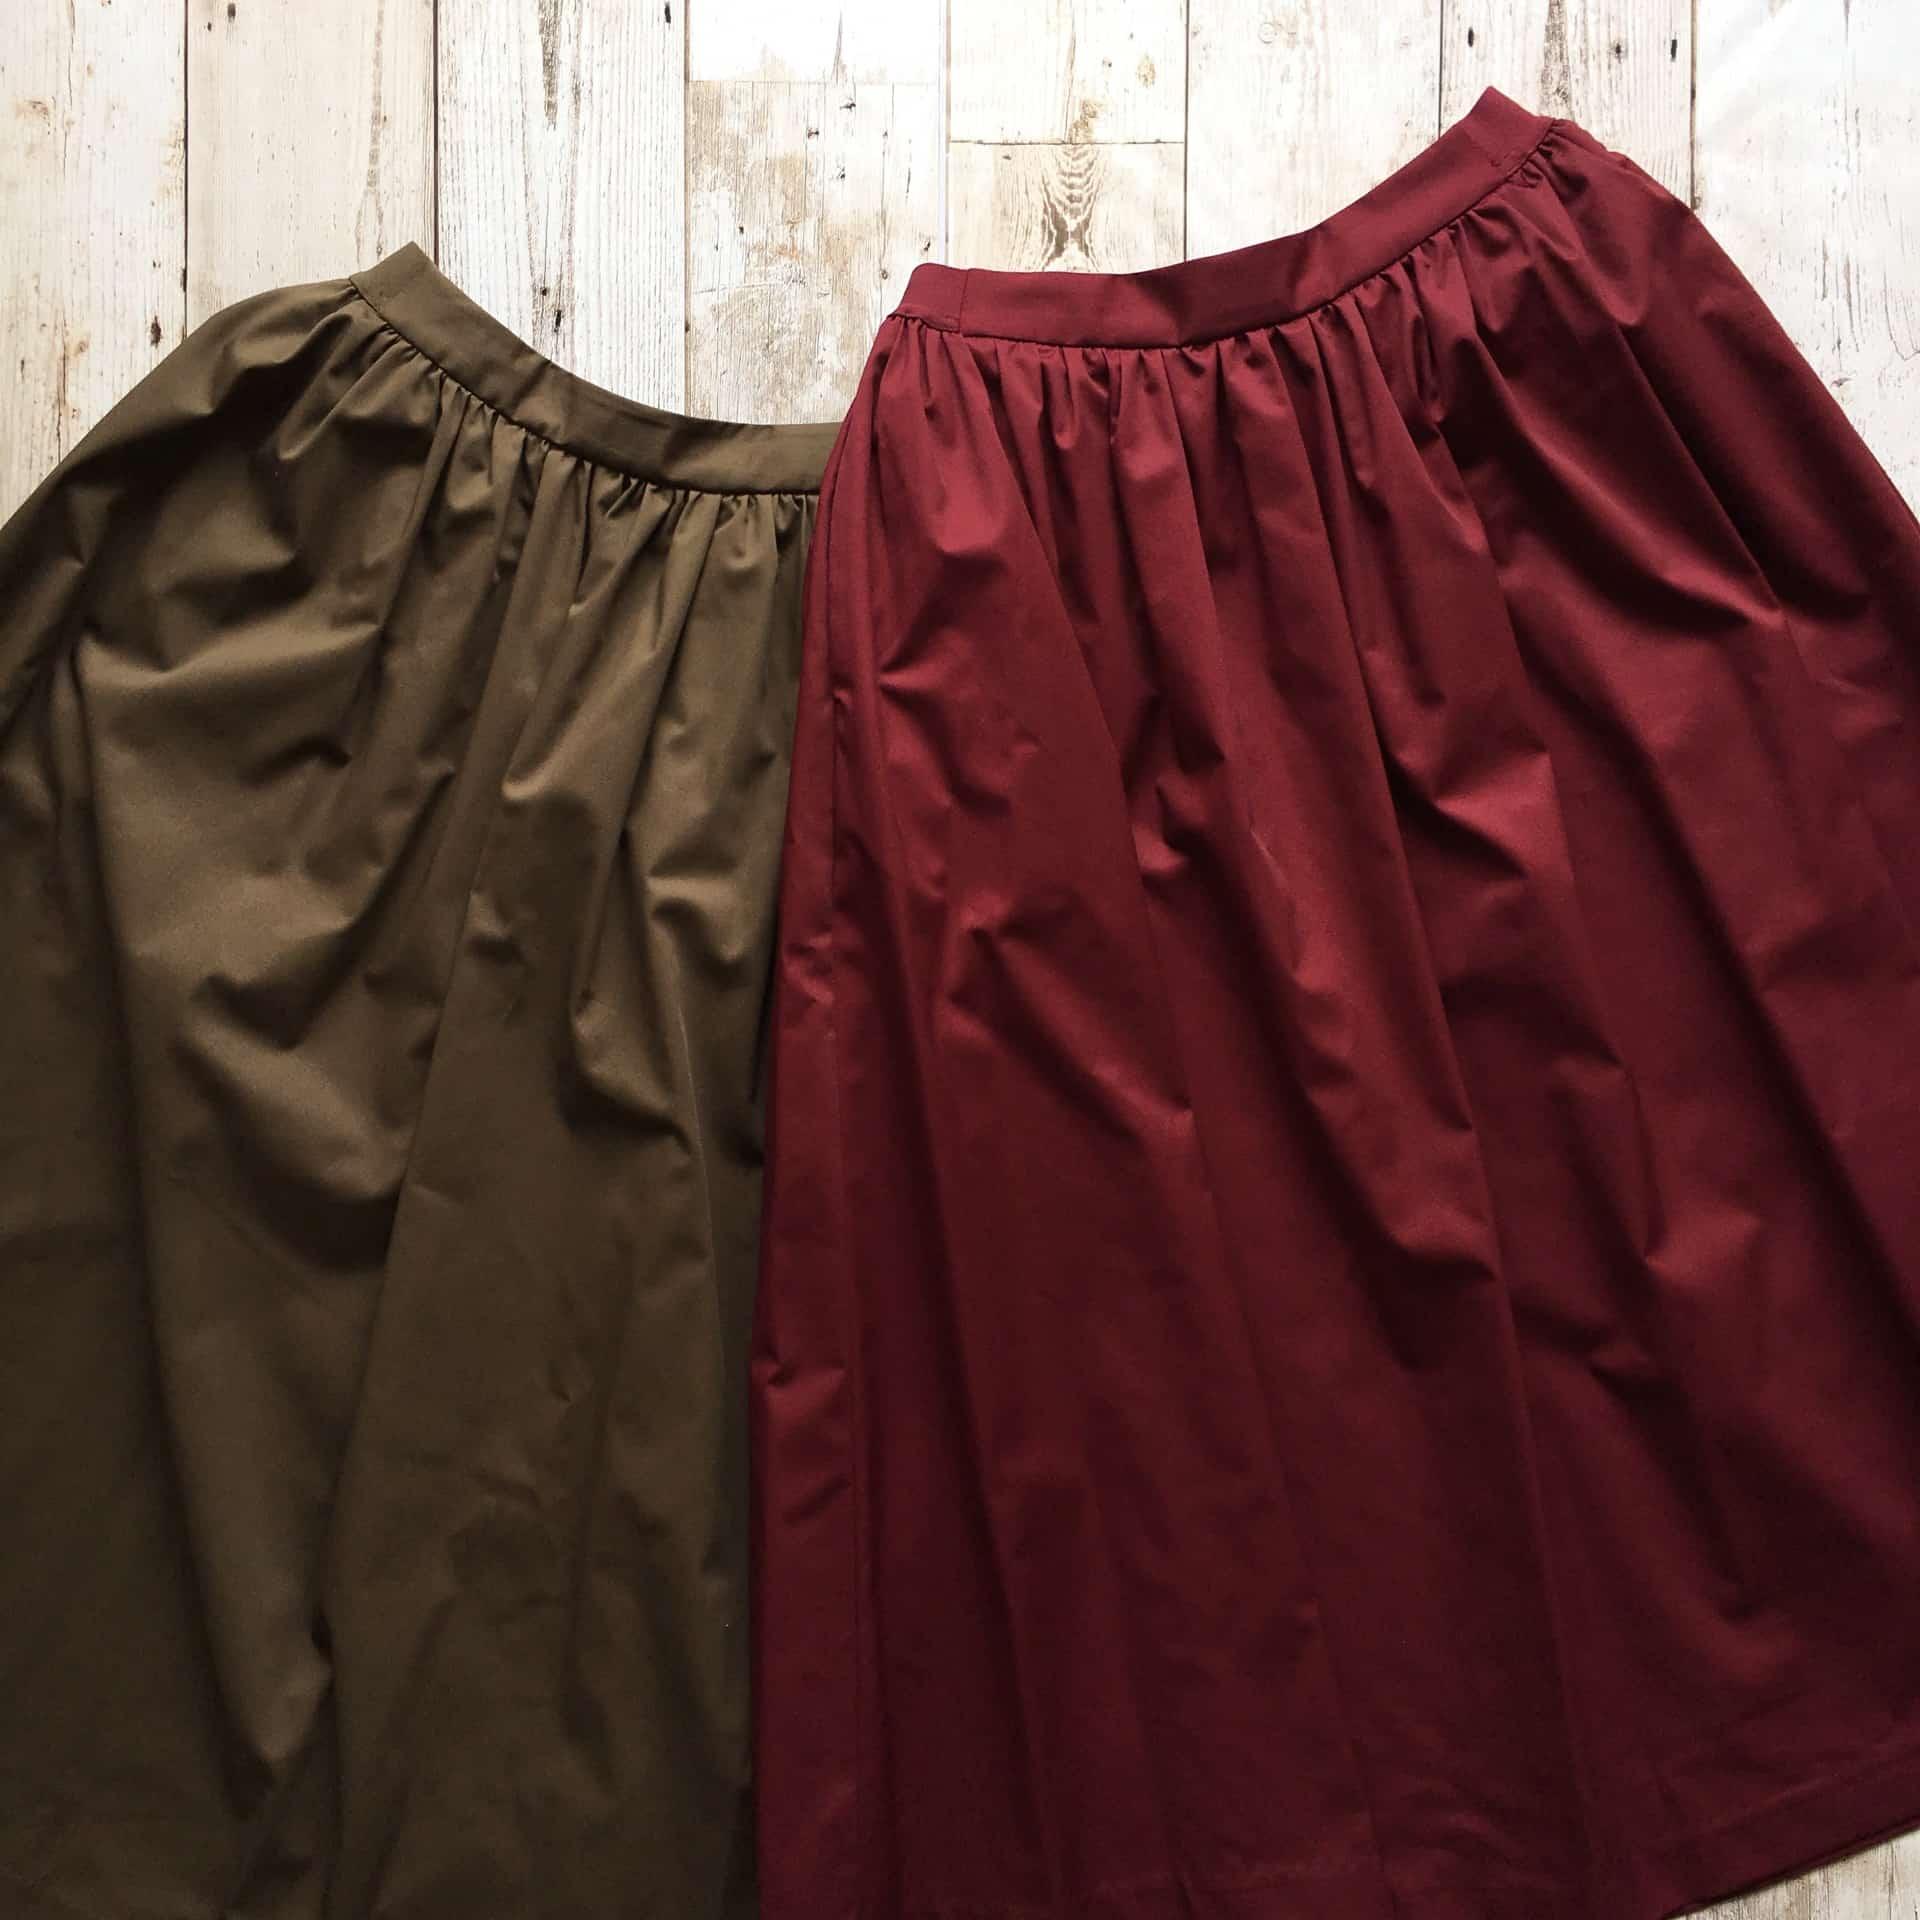 ユニクロ「ハイウエストコットンボリュームスカート」ハリがあって高見え。コーデしやすい!